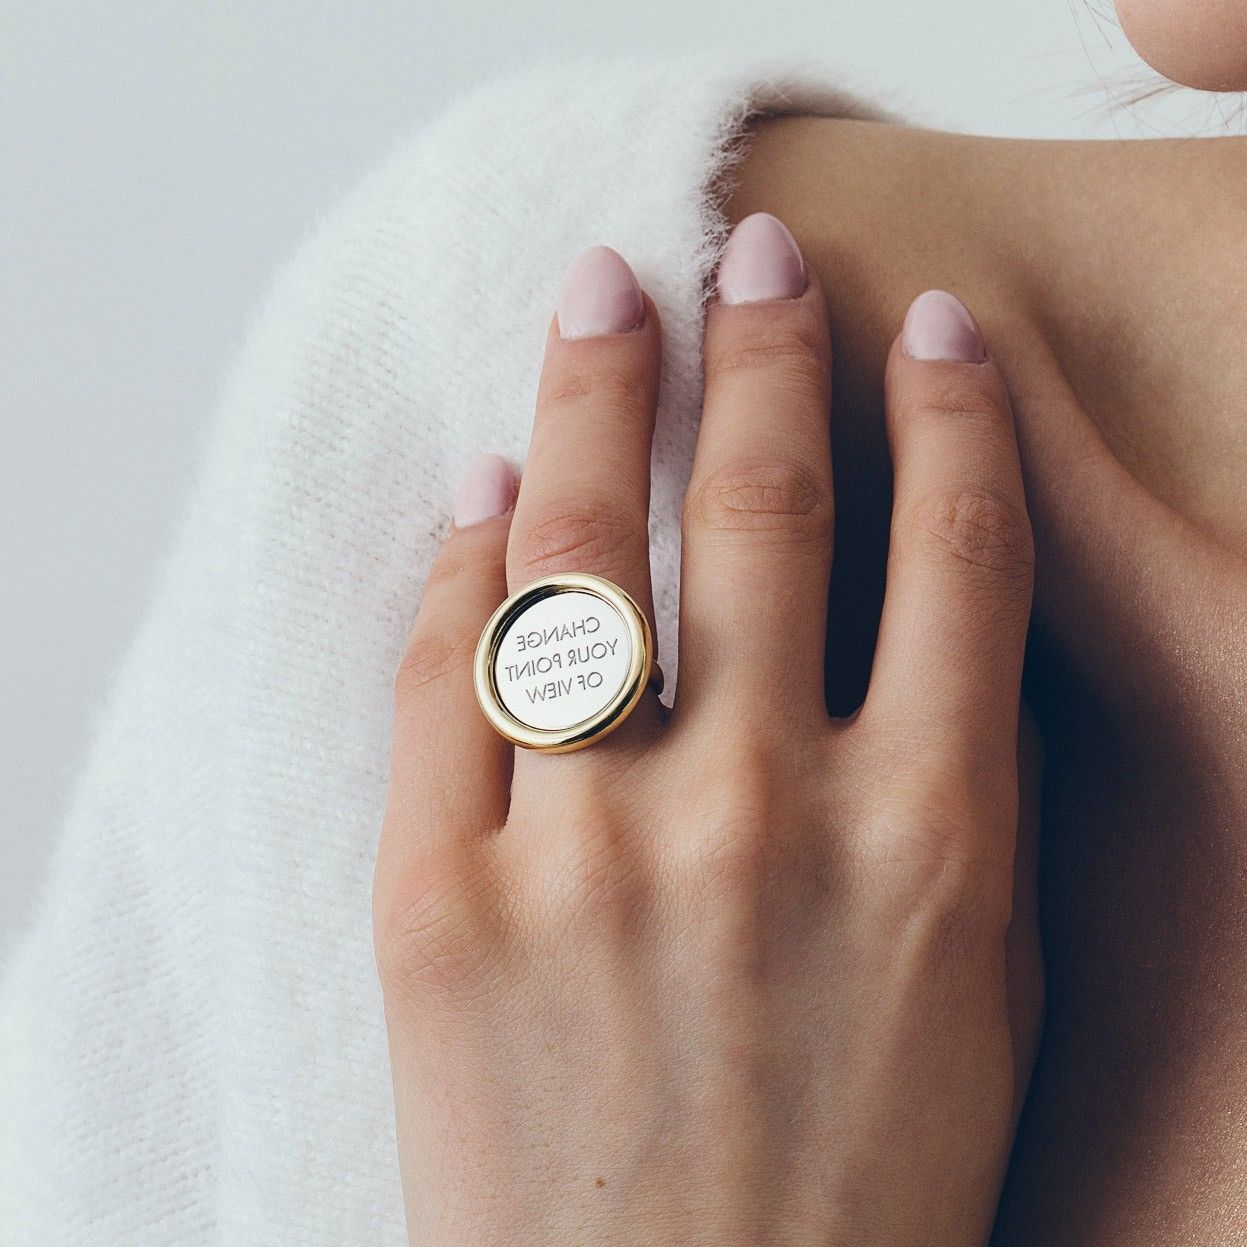 Srebrny pierścionek lustro, grawer, srebro 925 : ROZMIAR PIERŚCIONKA - 13 UK:N 16,67 MM, Srebro - kolor pokrycia - Pokrycie platyną